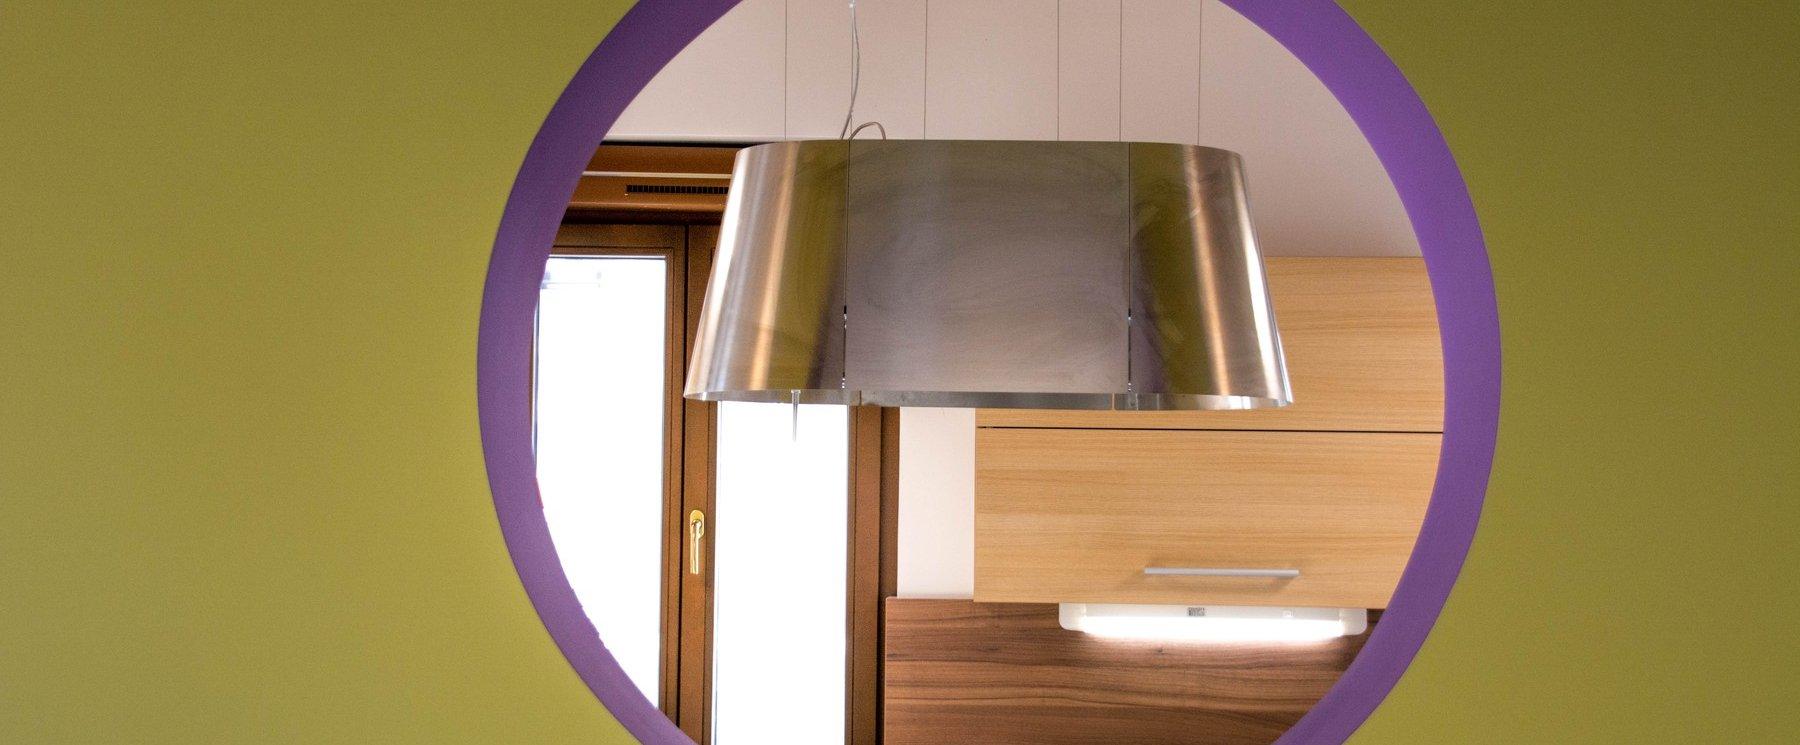 Atraktivni in moderni videz stropnih, stenskih in talnih svetil